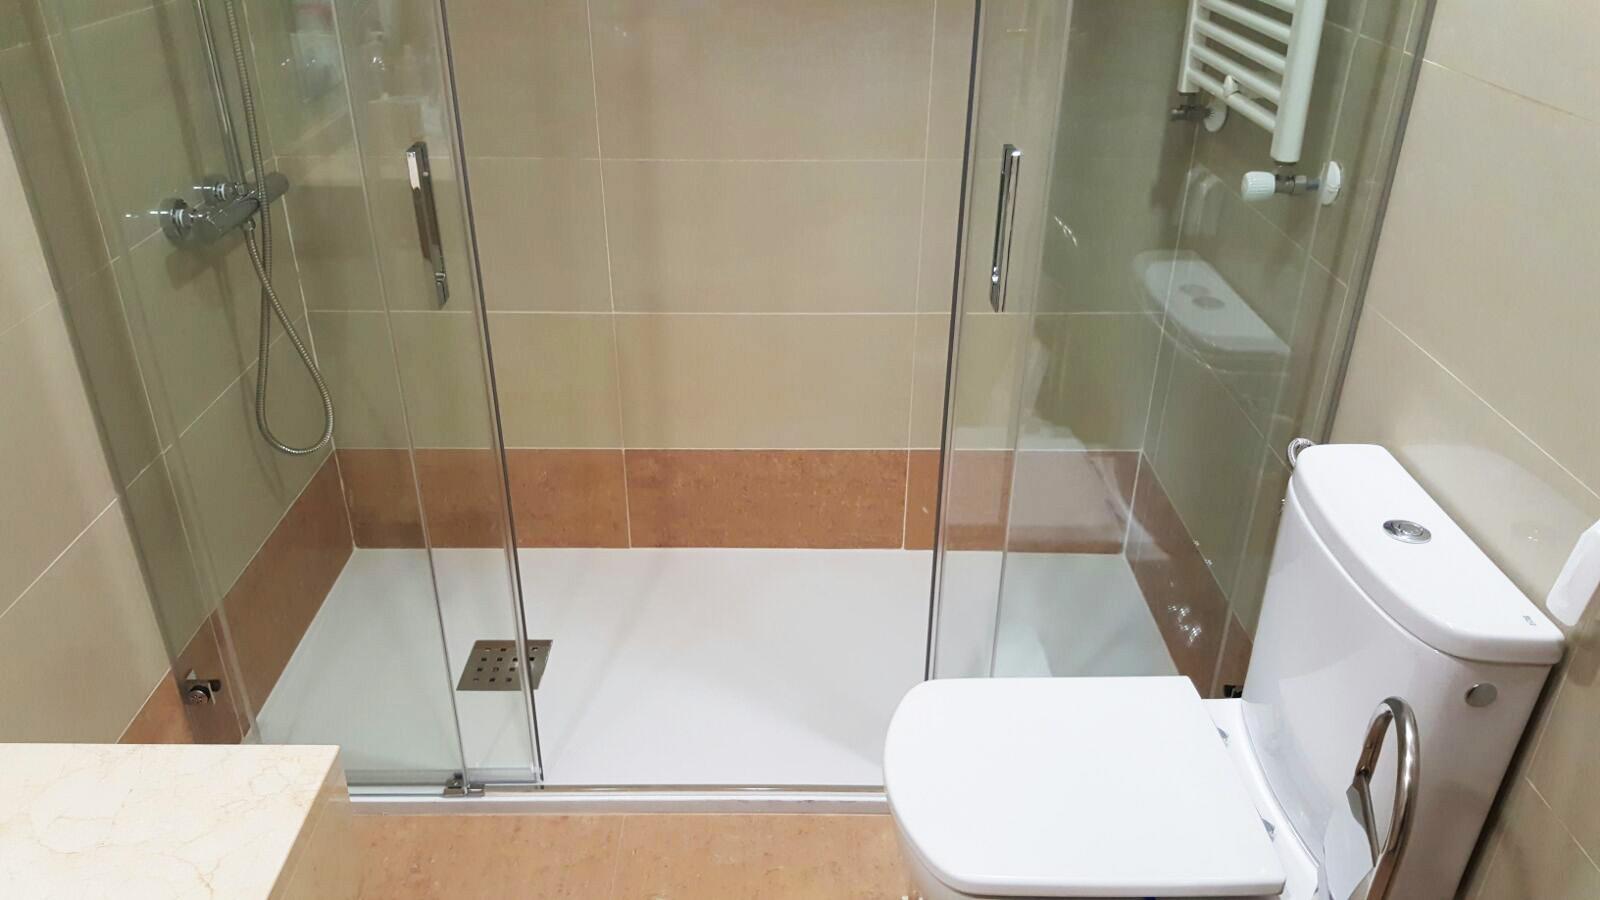 en reformas rober hemos realizado este proyecto de cambio de bañera por plato de ducha antideslizante al mejor precio